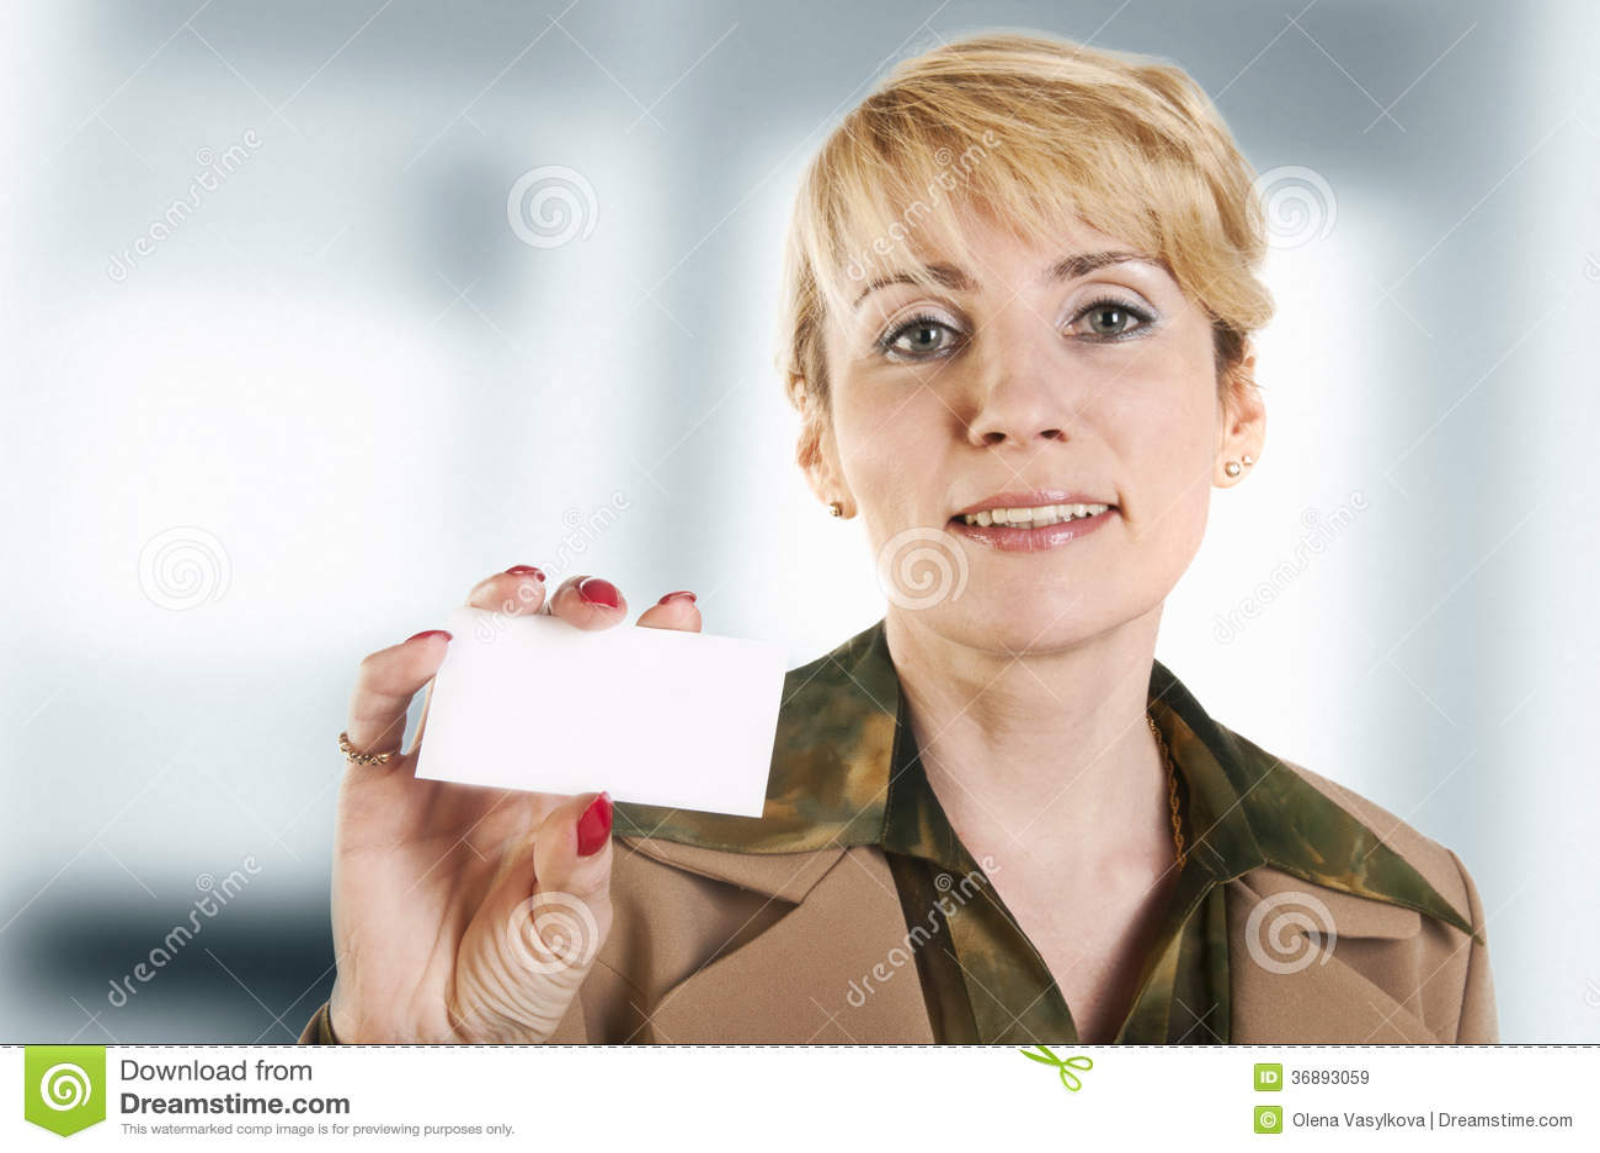 Download Ritratto Della Donna Di Affari Che Dà Biglietto Da Visita In Bianco Immagine Stock - Immagine di commercio, esecutivo: 36893059